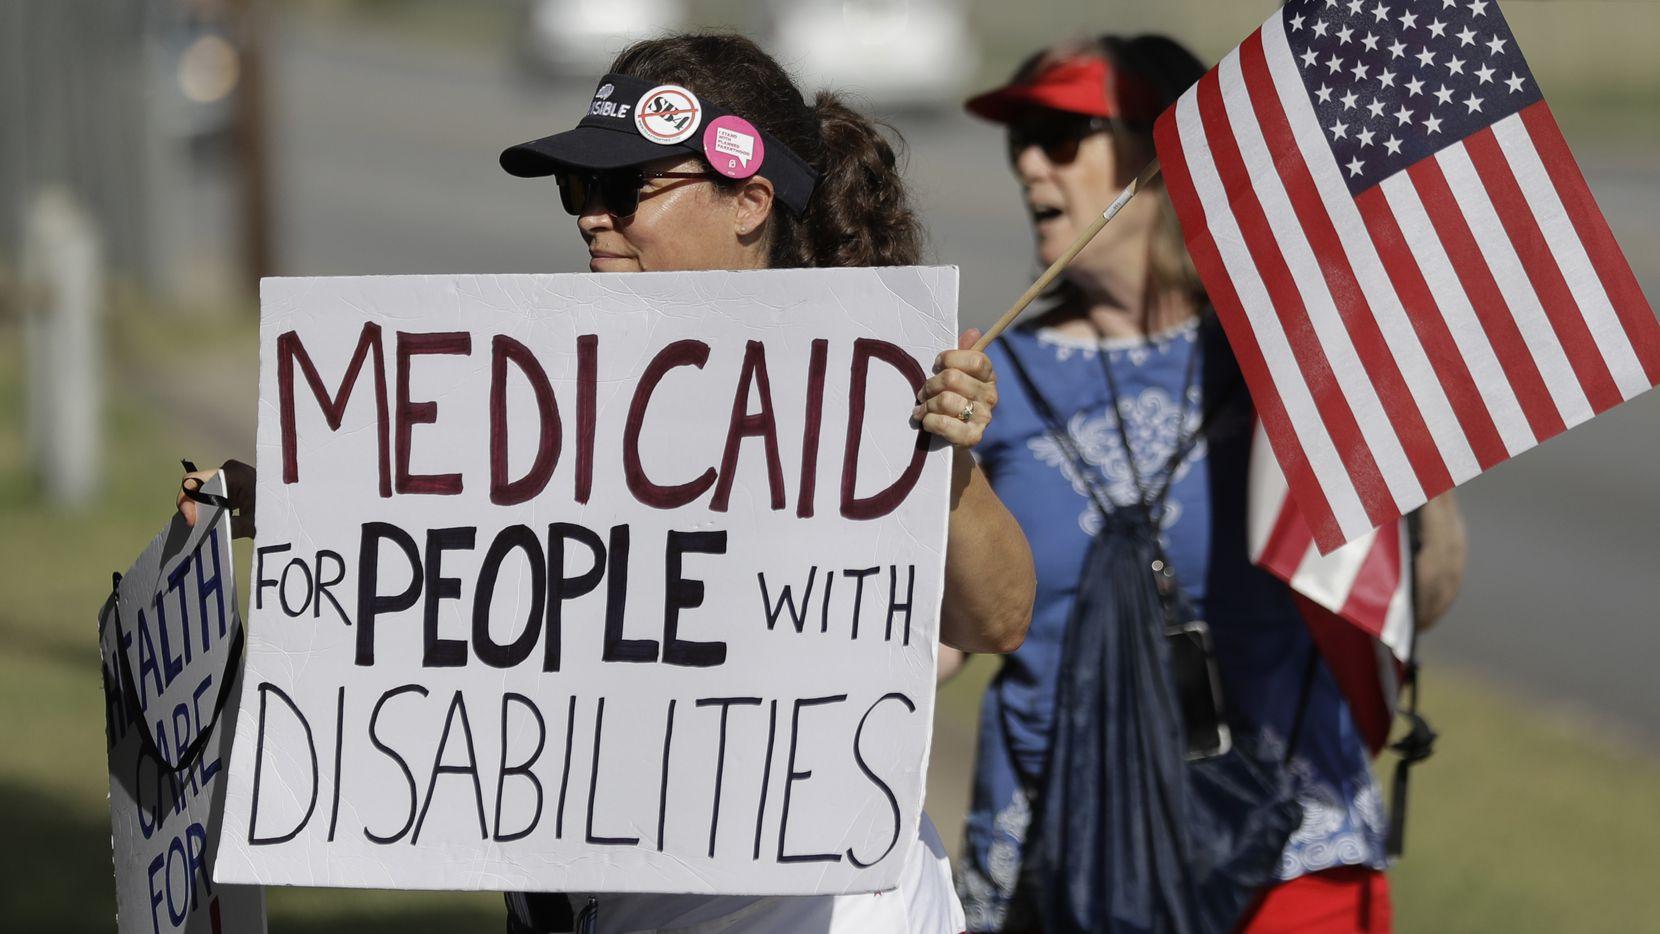 Personas protestaron la semana pasada en Austin en una estación de radio en la que se encontraba el senador Ted Cruz. AL